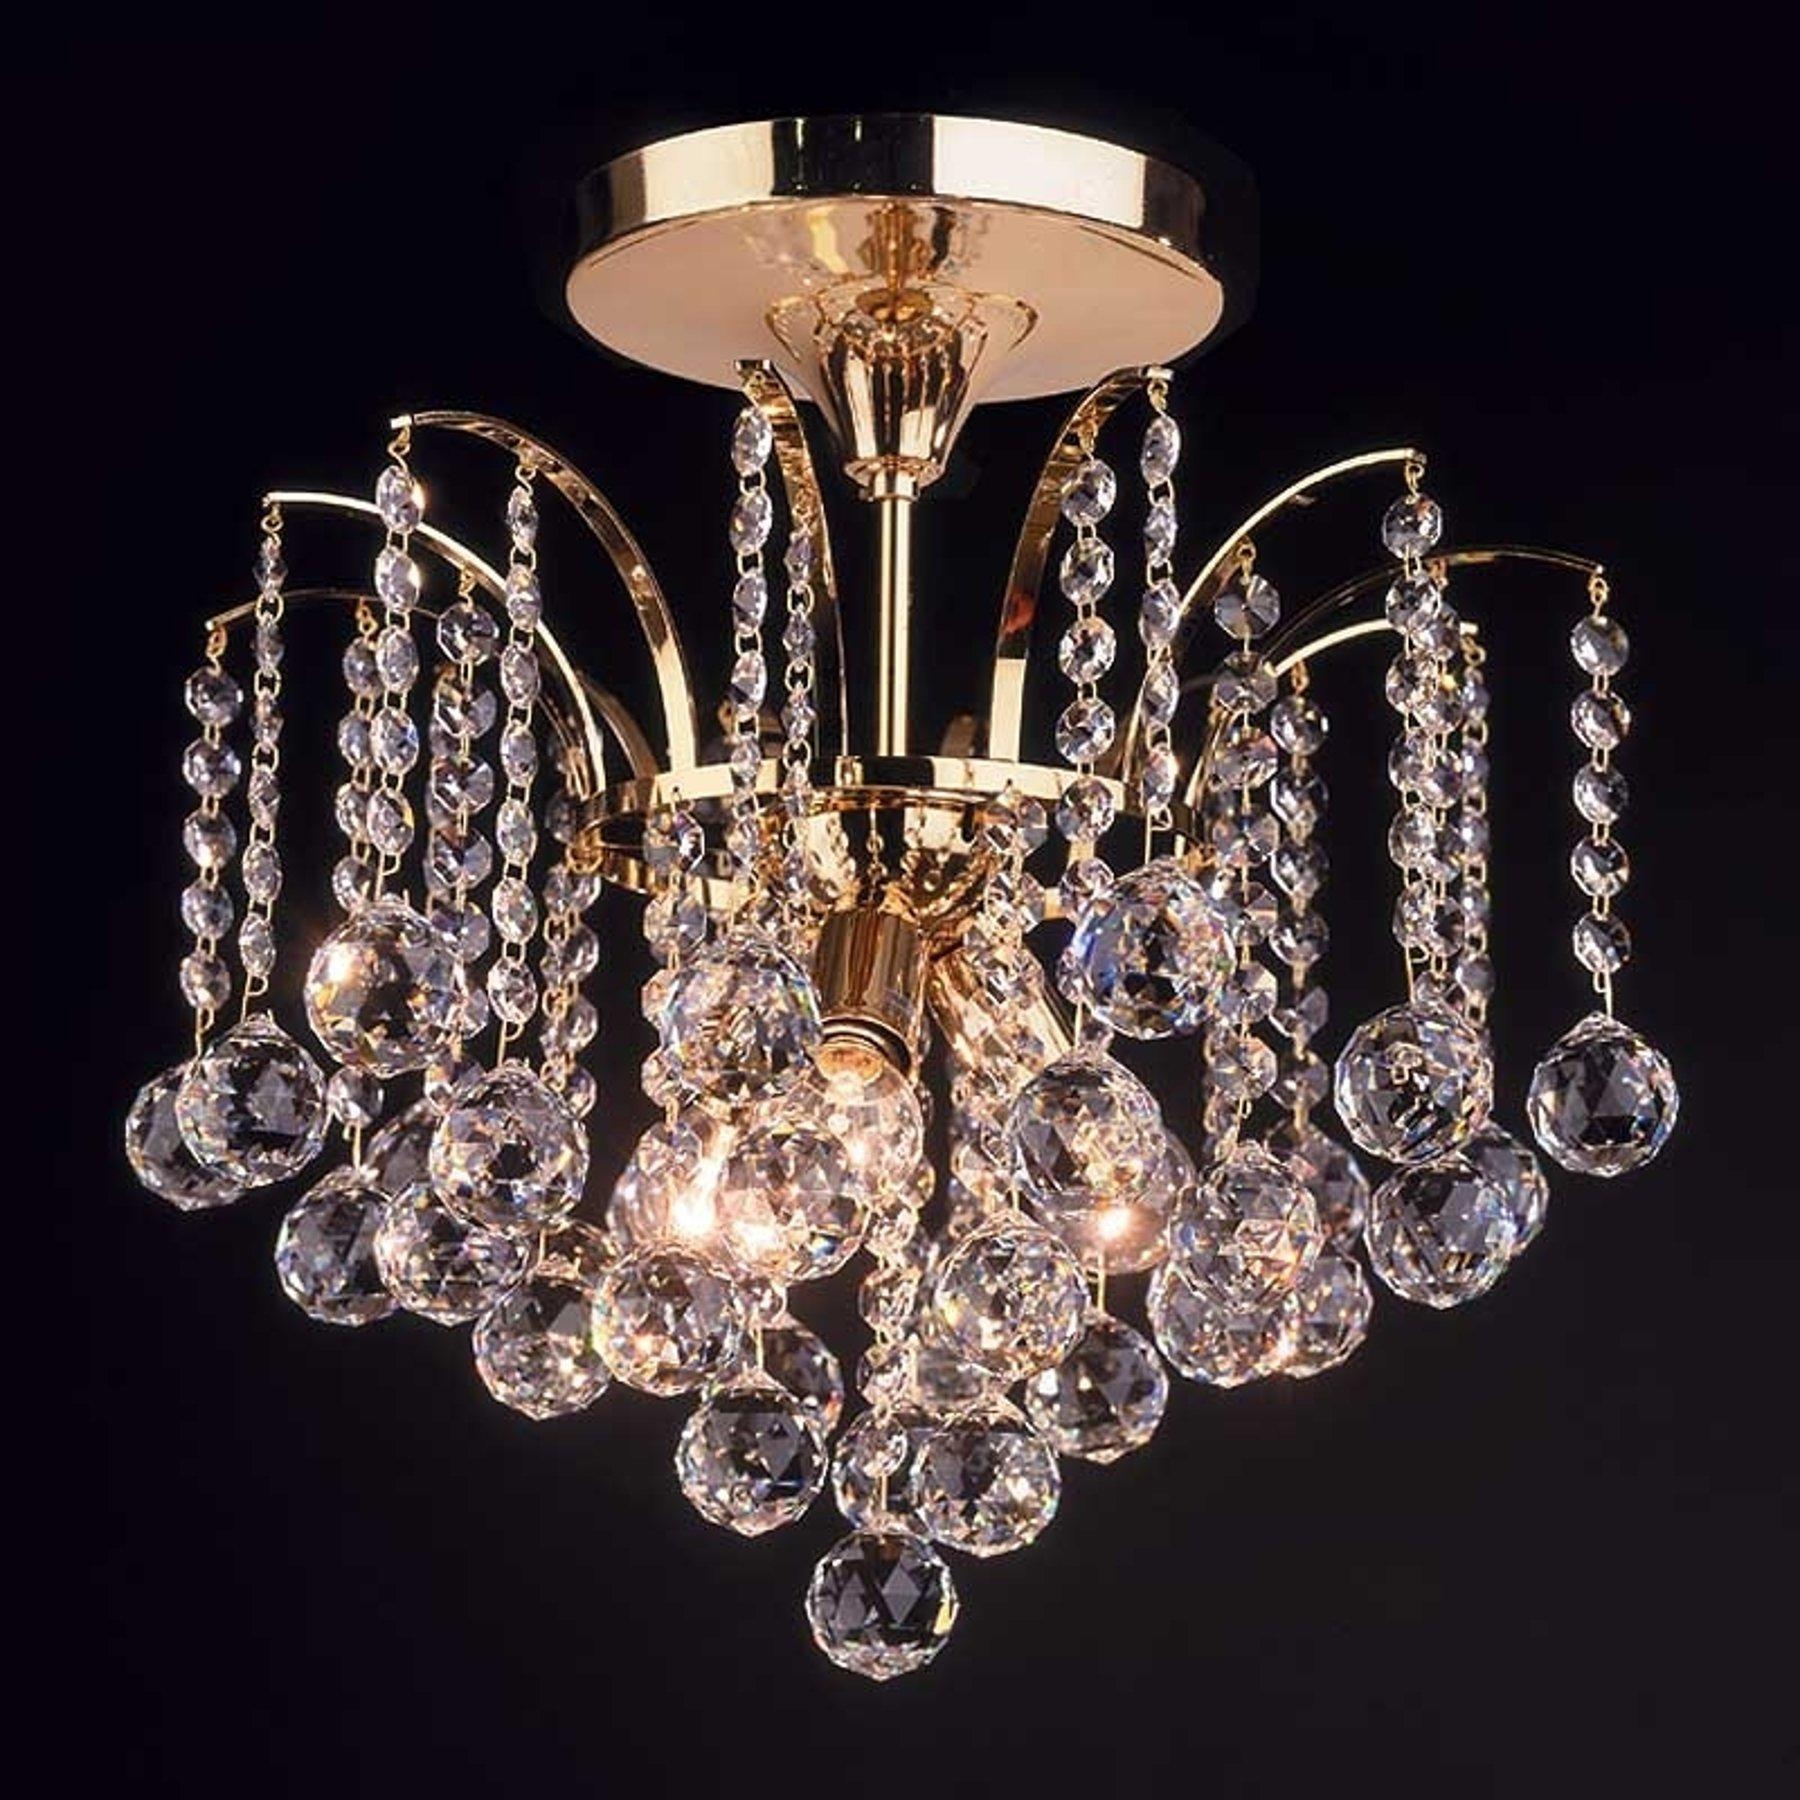 LENNARDA taklampe i krystall og gull 42 cm